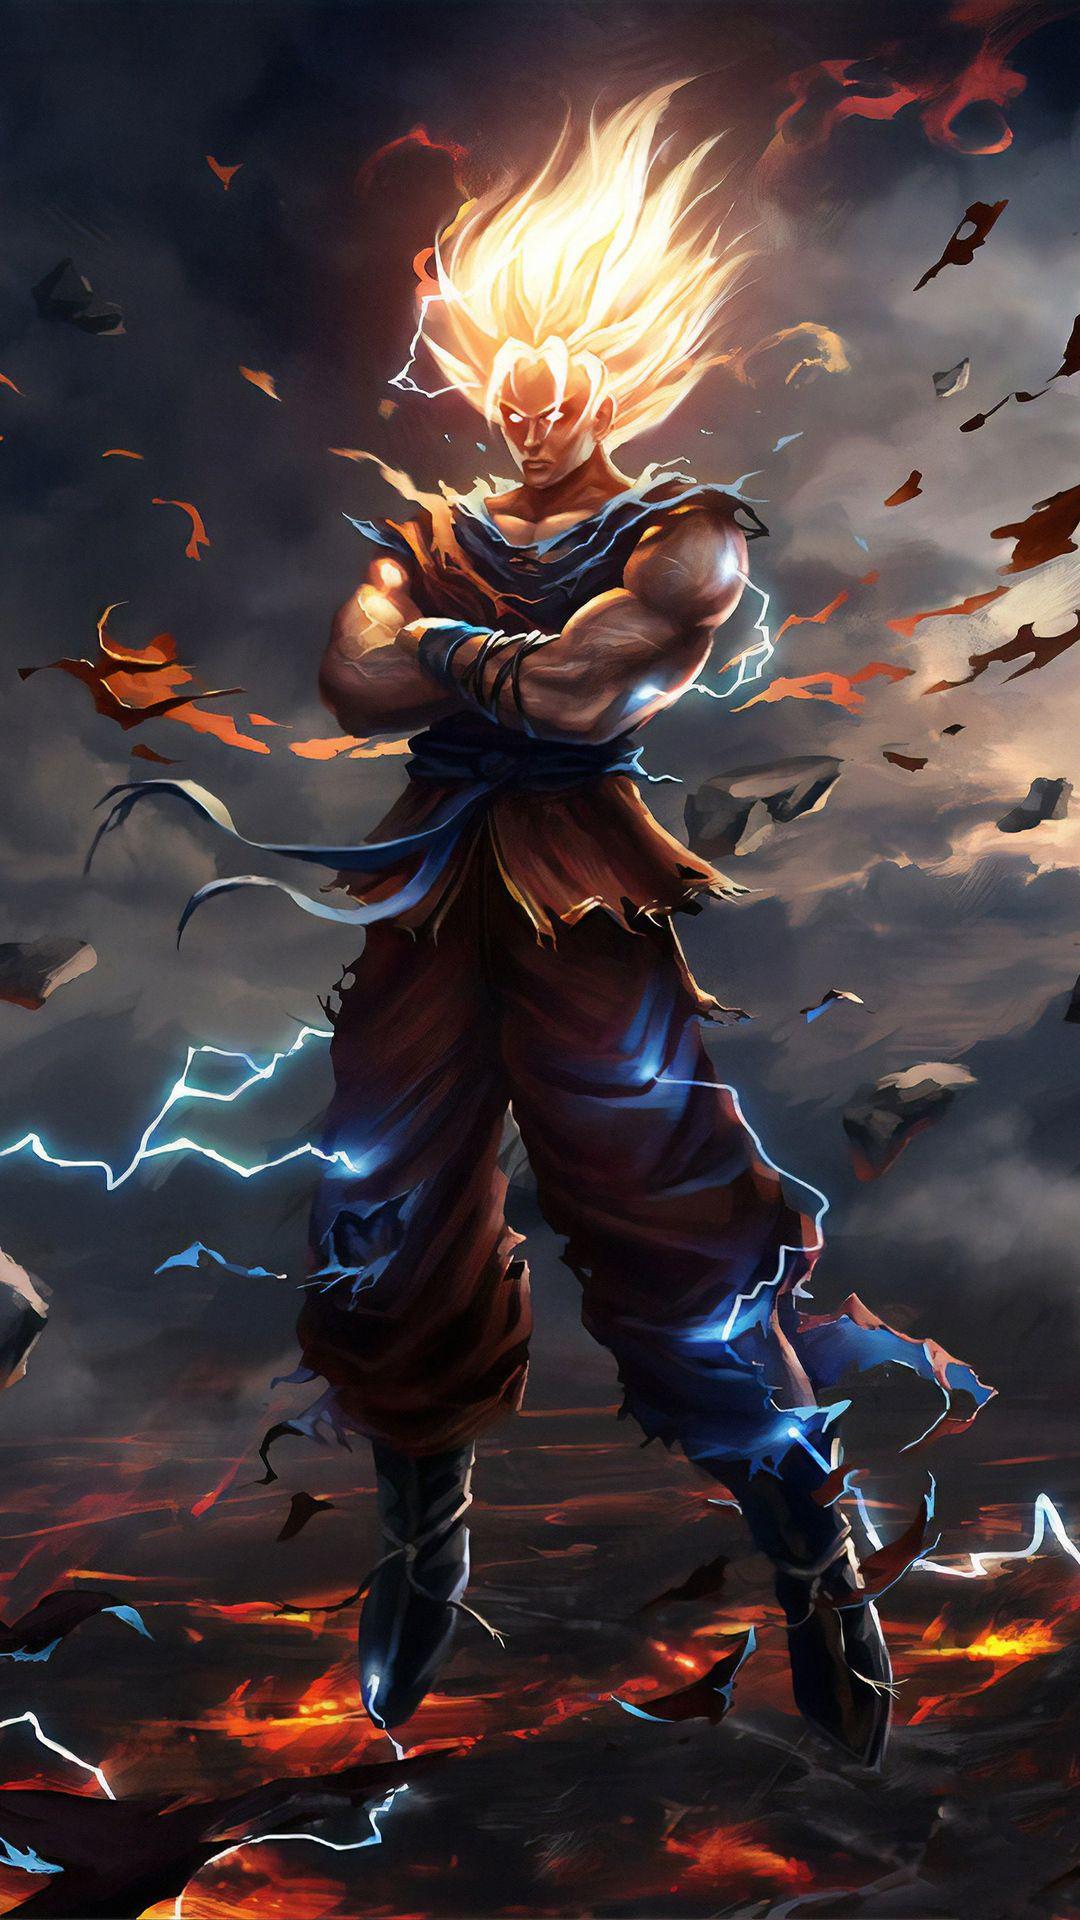 Dragon Ball Goku Son Goku Goku Son Goku Wallpaper Iphone Goku Wallpaper Marvel Wallpaper Hd